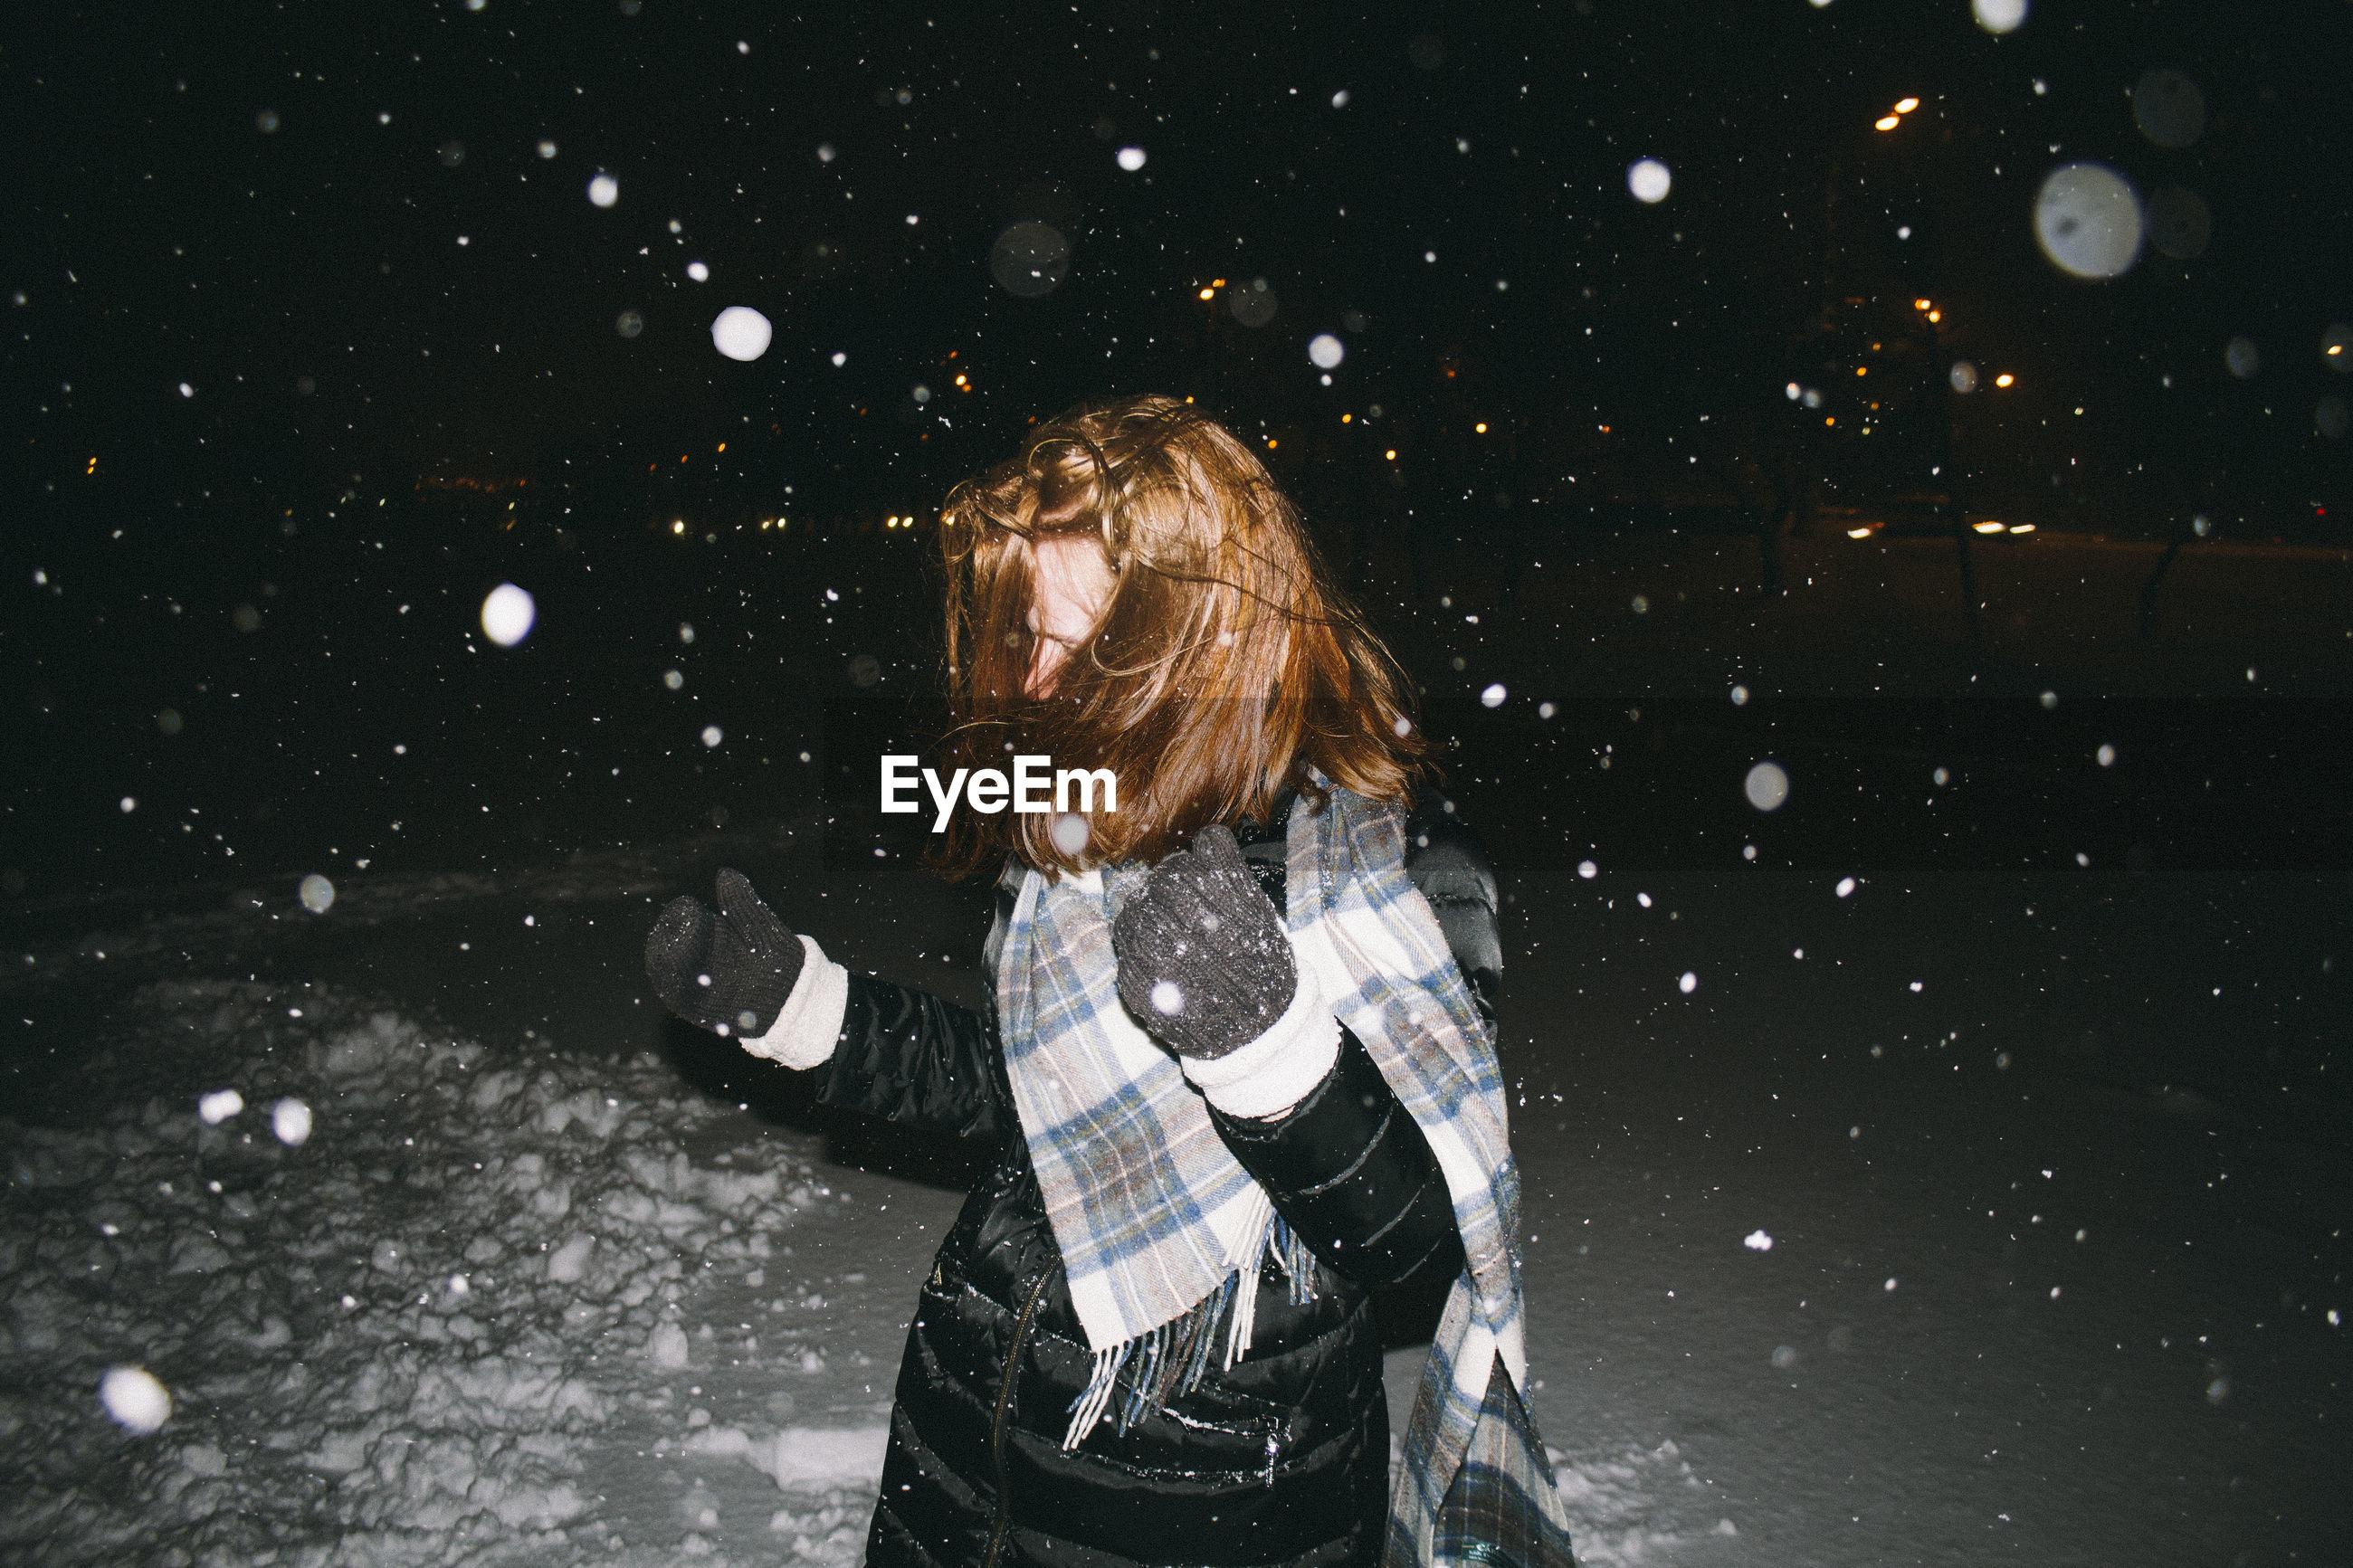 Playful woman during snowfall at night